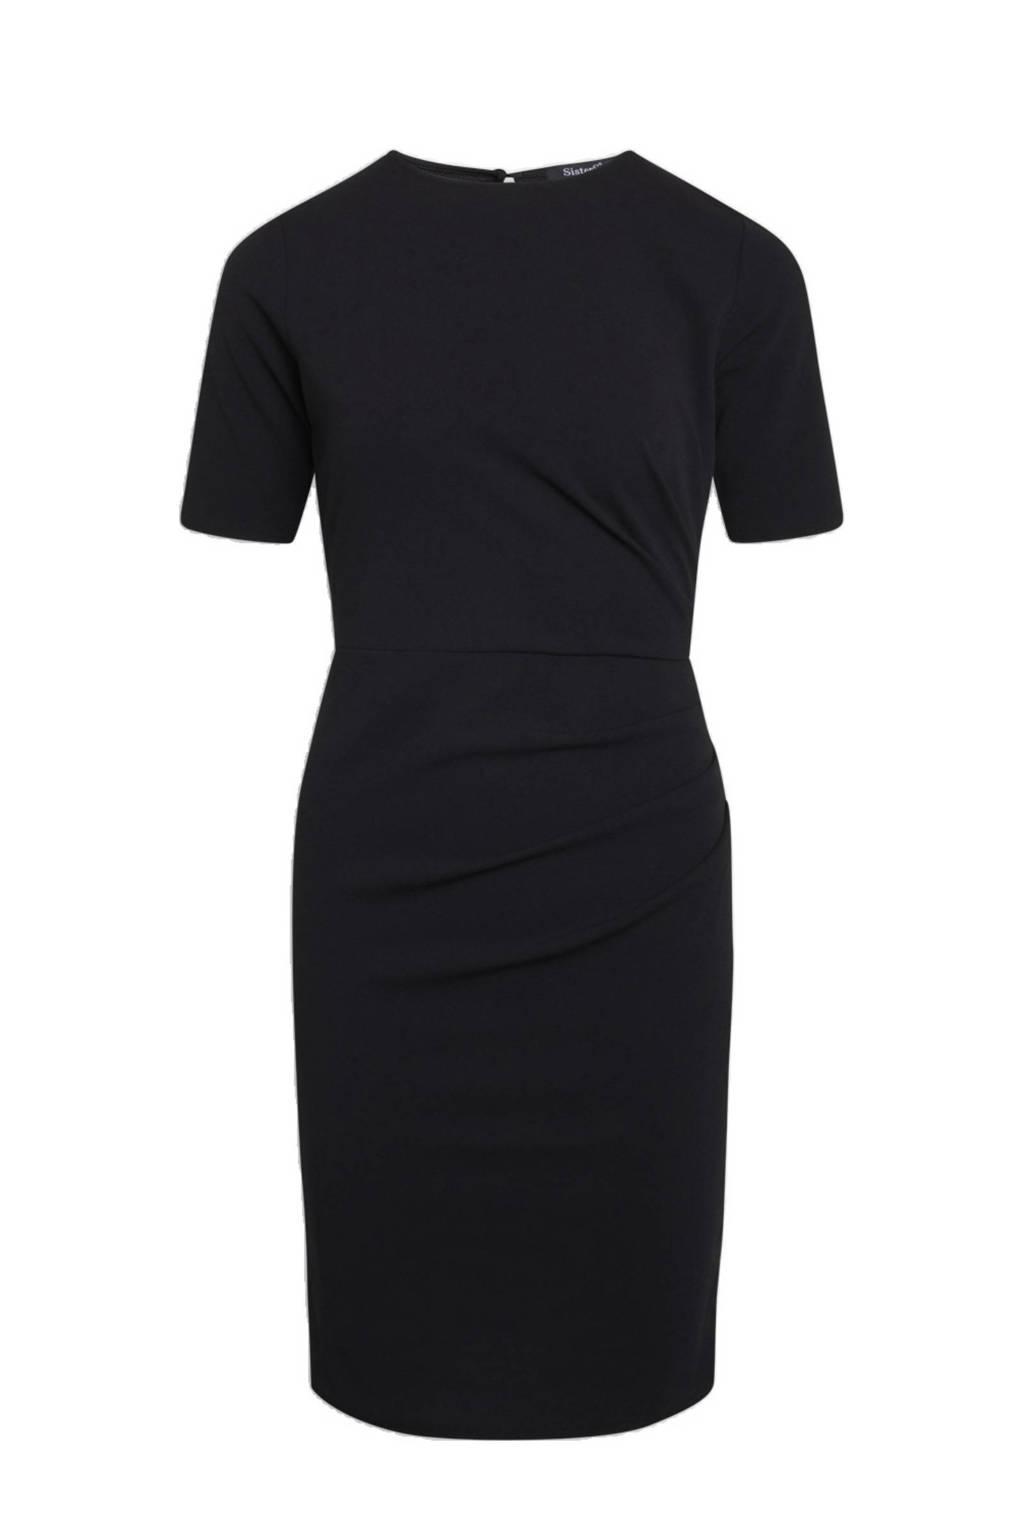 SisterS Point jurk zwart, Zwart